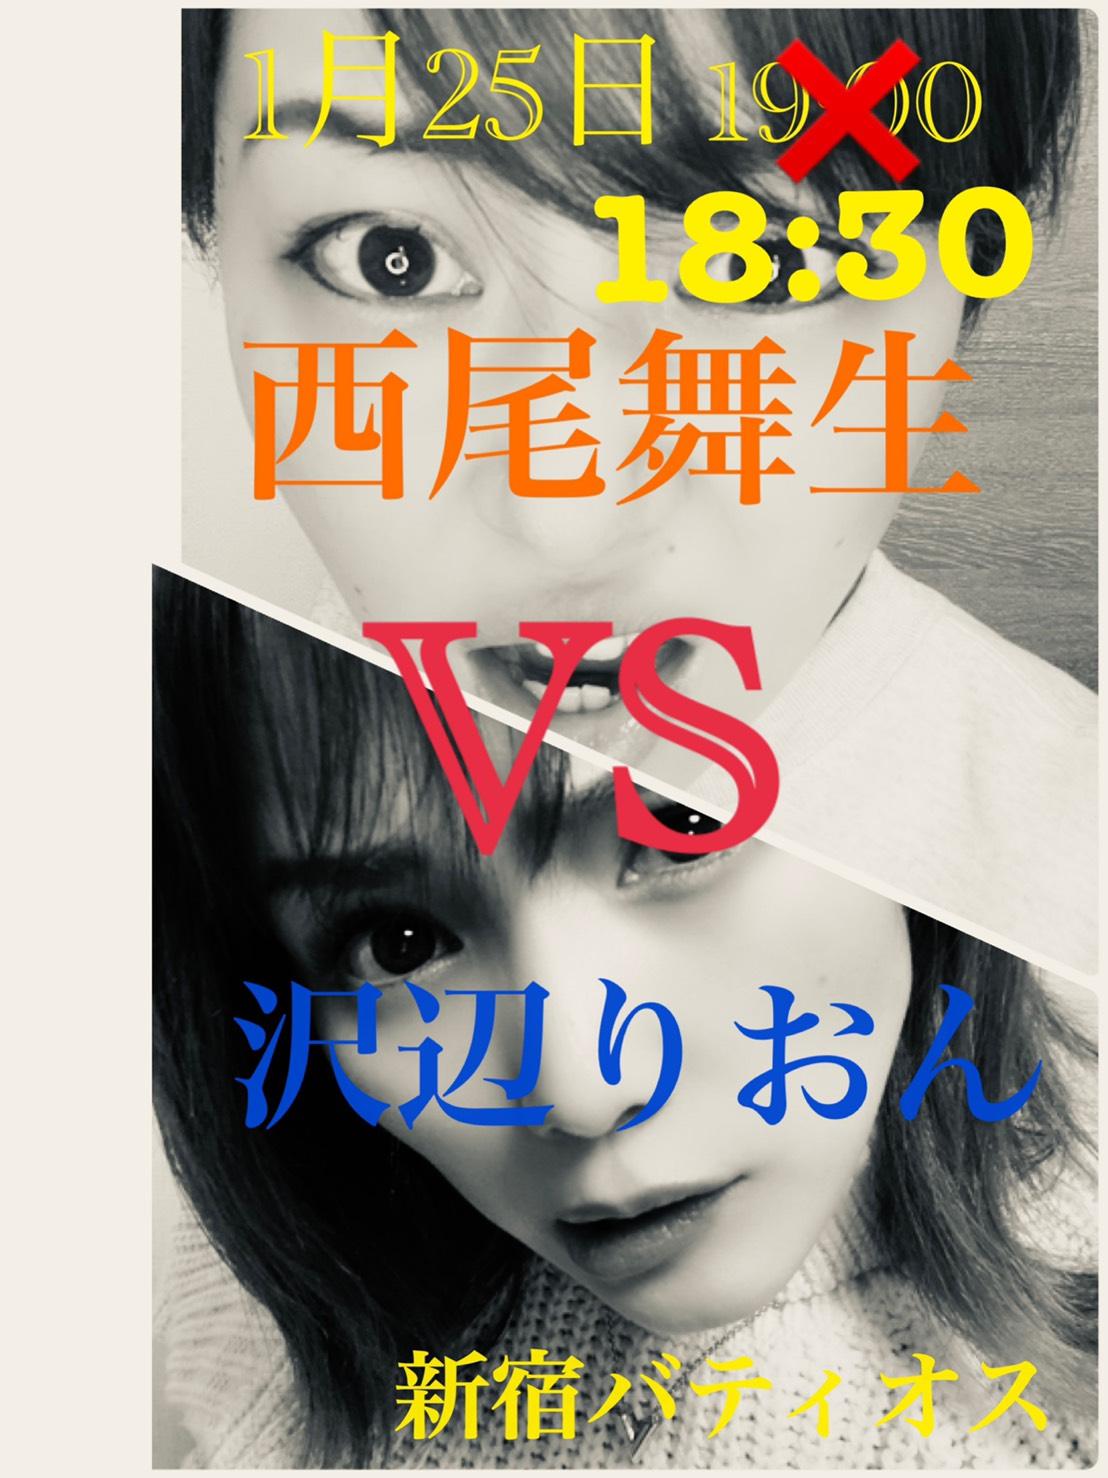 【劇場】1月25日18:30〜西尾舞生VS沢辺りおん